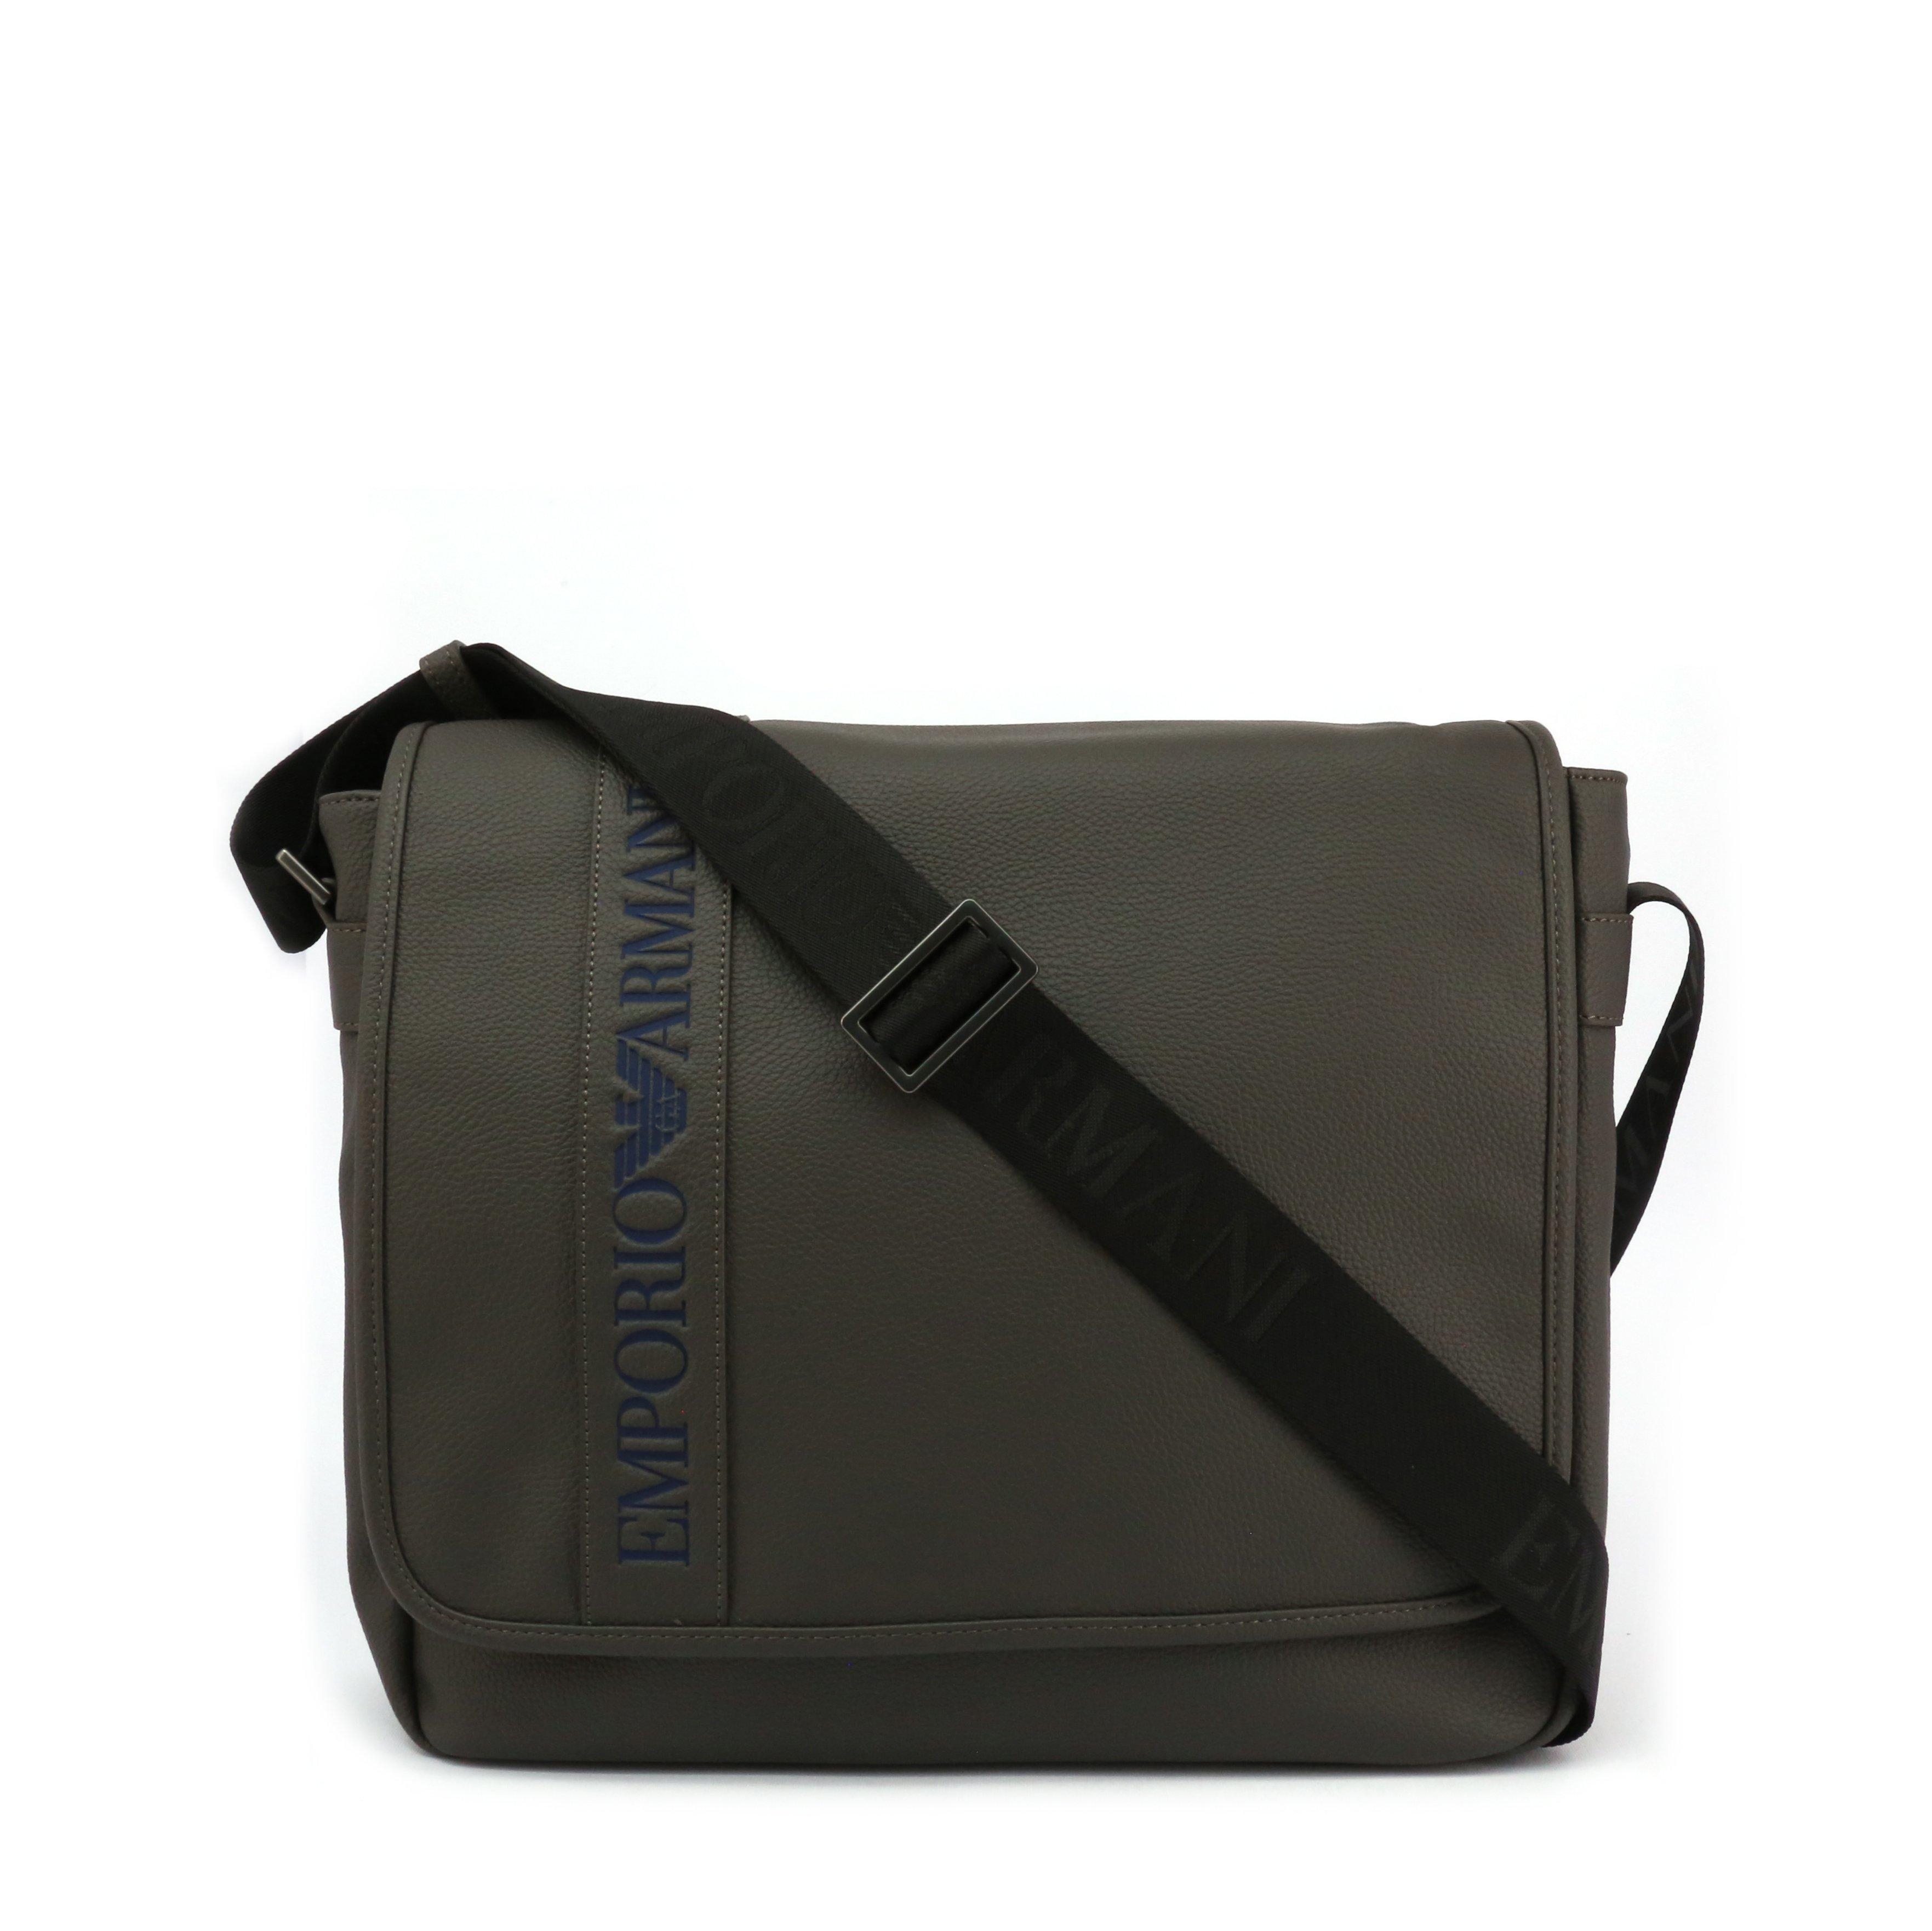 Emporio Armani Men's Crossbody Bag Black Y4M173-YG89J - grey NOSIZE